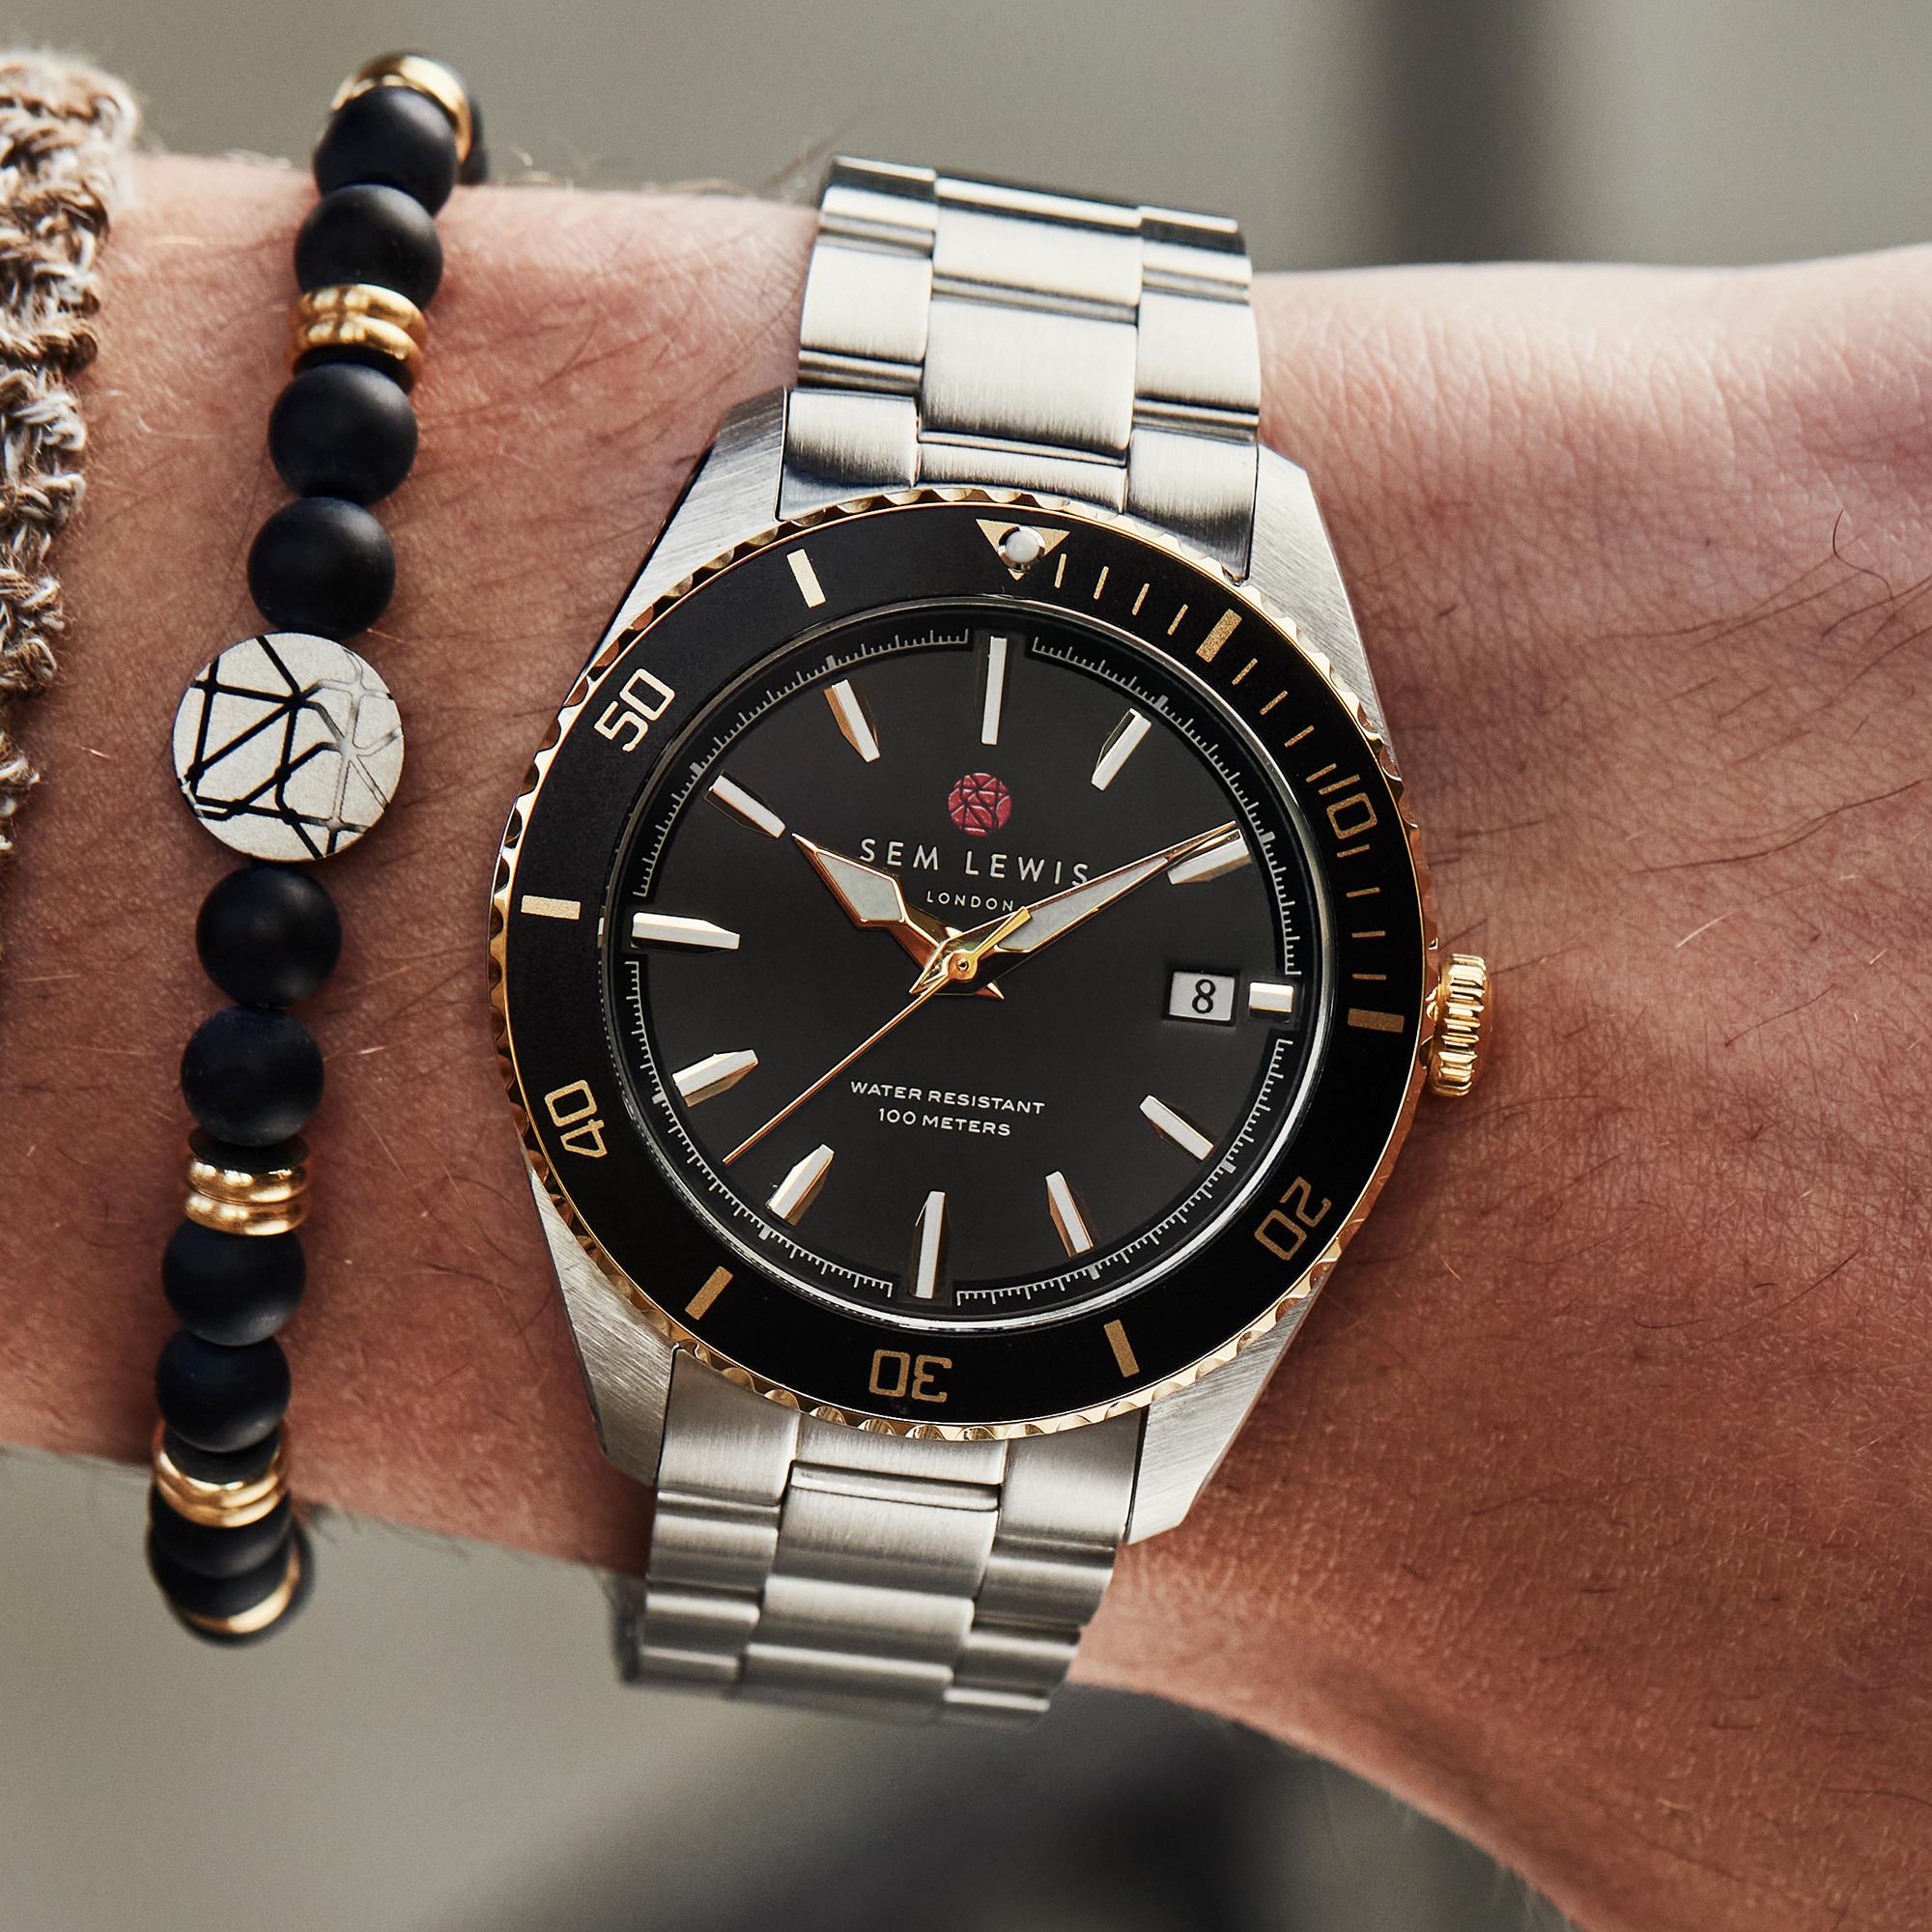 Sem Lewis Lundy Island Diver montre couleur argent et noir